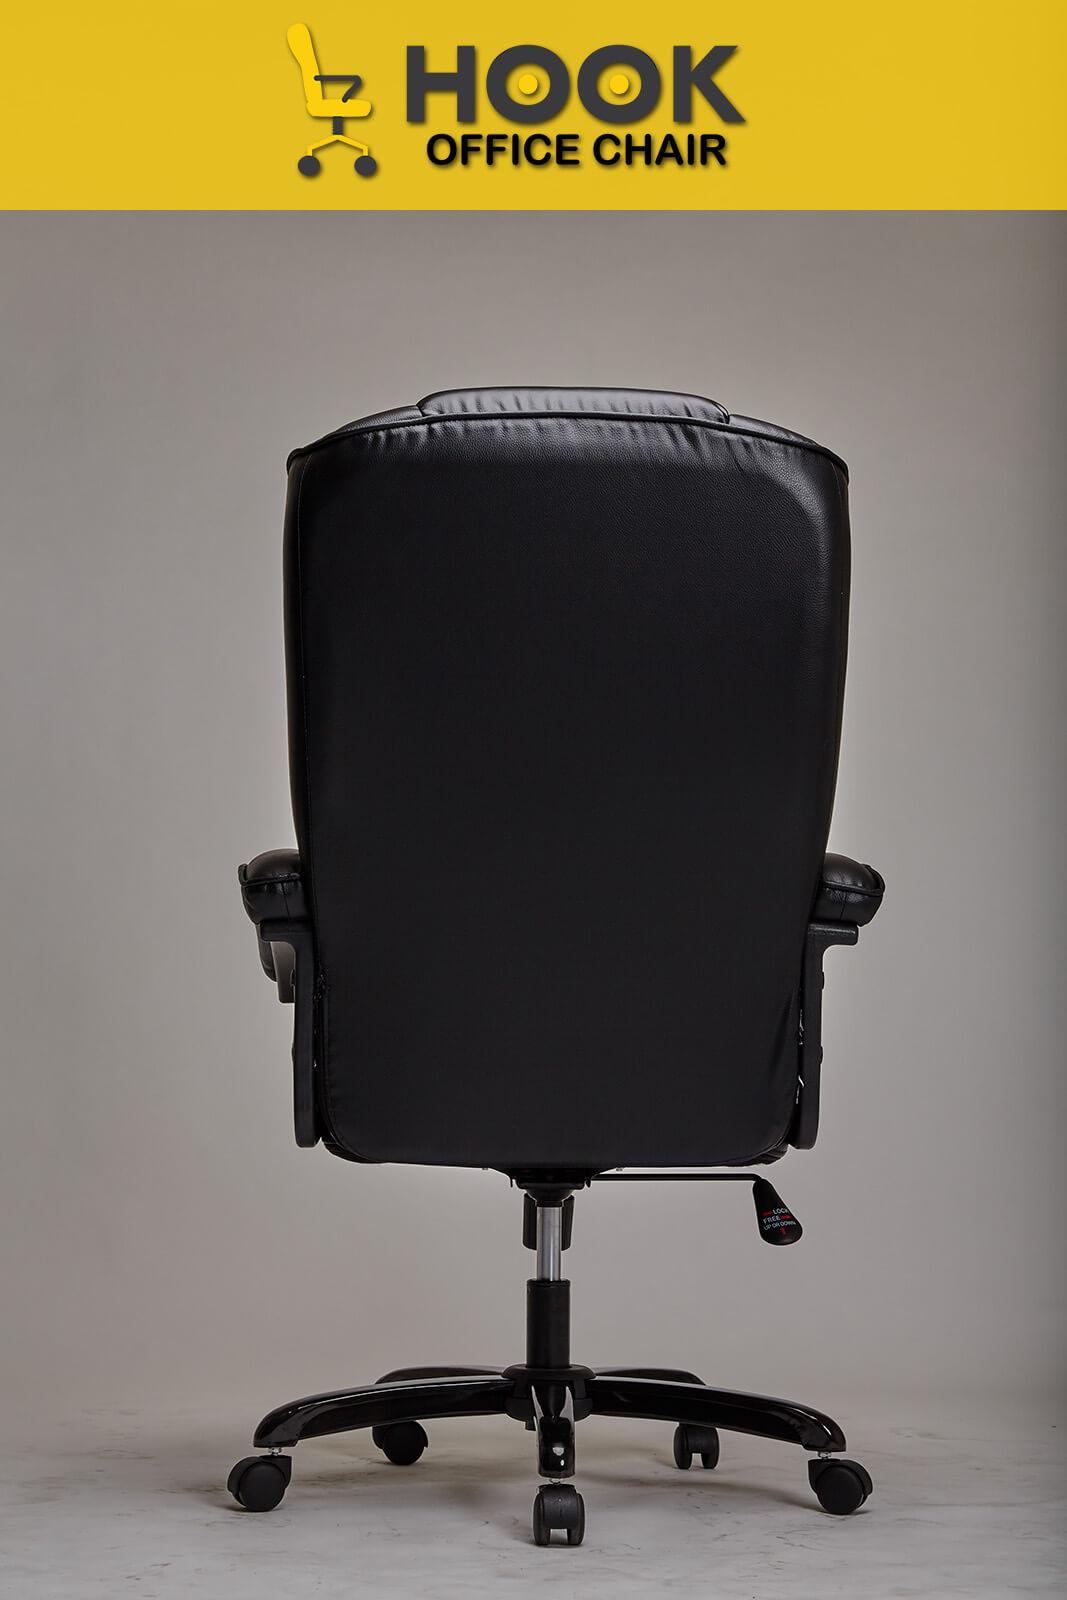 เก้าอี้ผู้บริหาร เก้าอี้สำนักงาน รุ่น H06-005